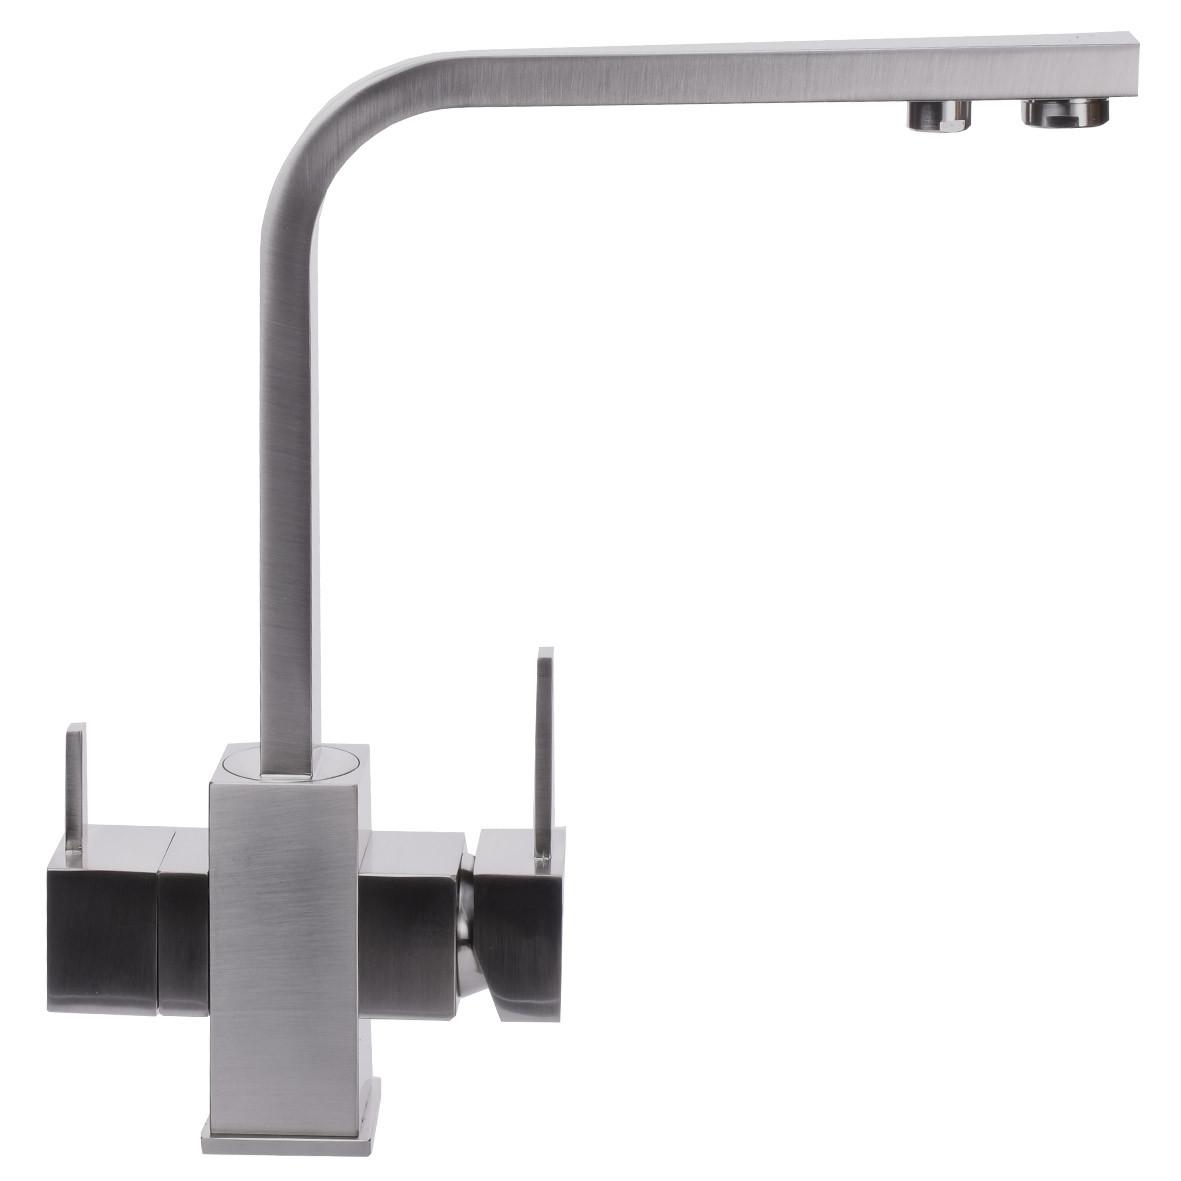 Смеситель для кухни под осмос Globus Lux GLLR-0111-8-STSTEEL